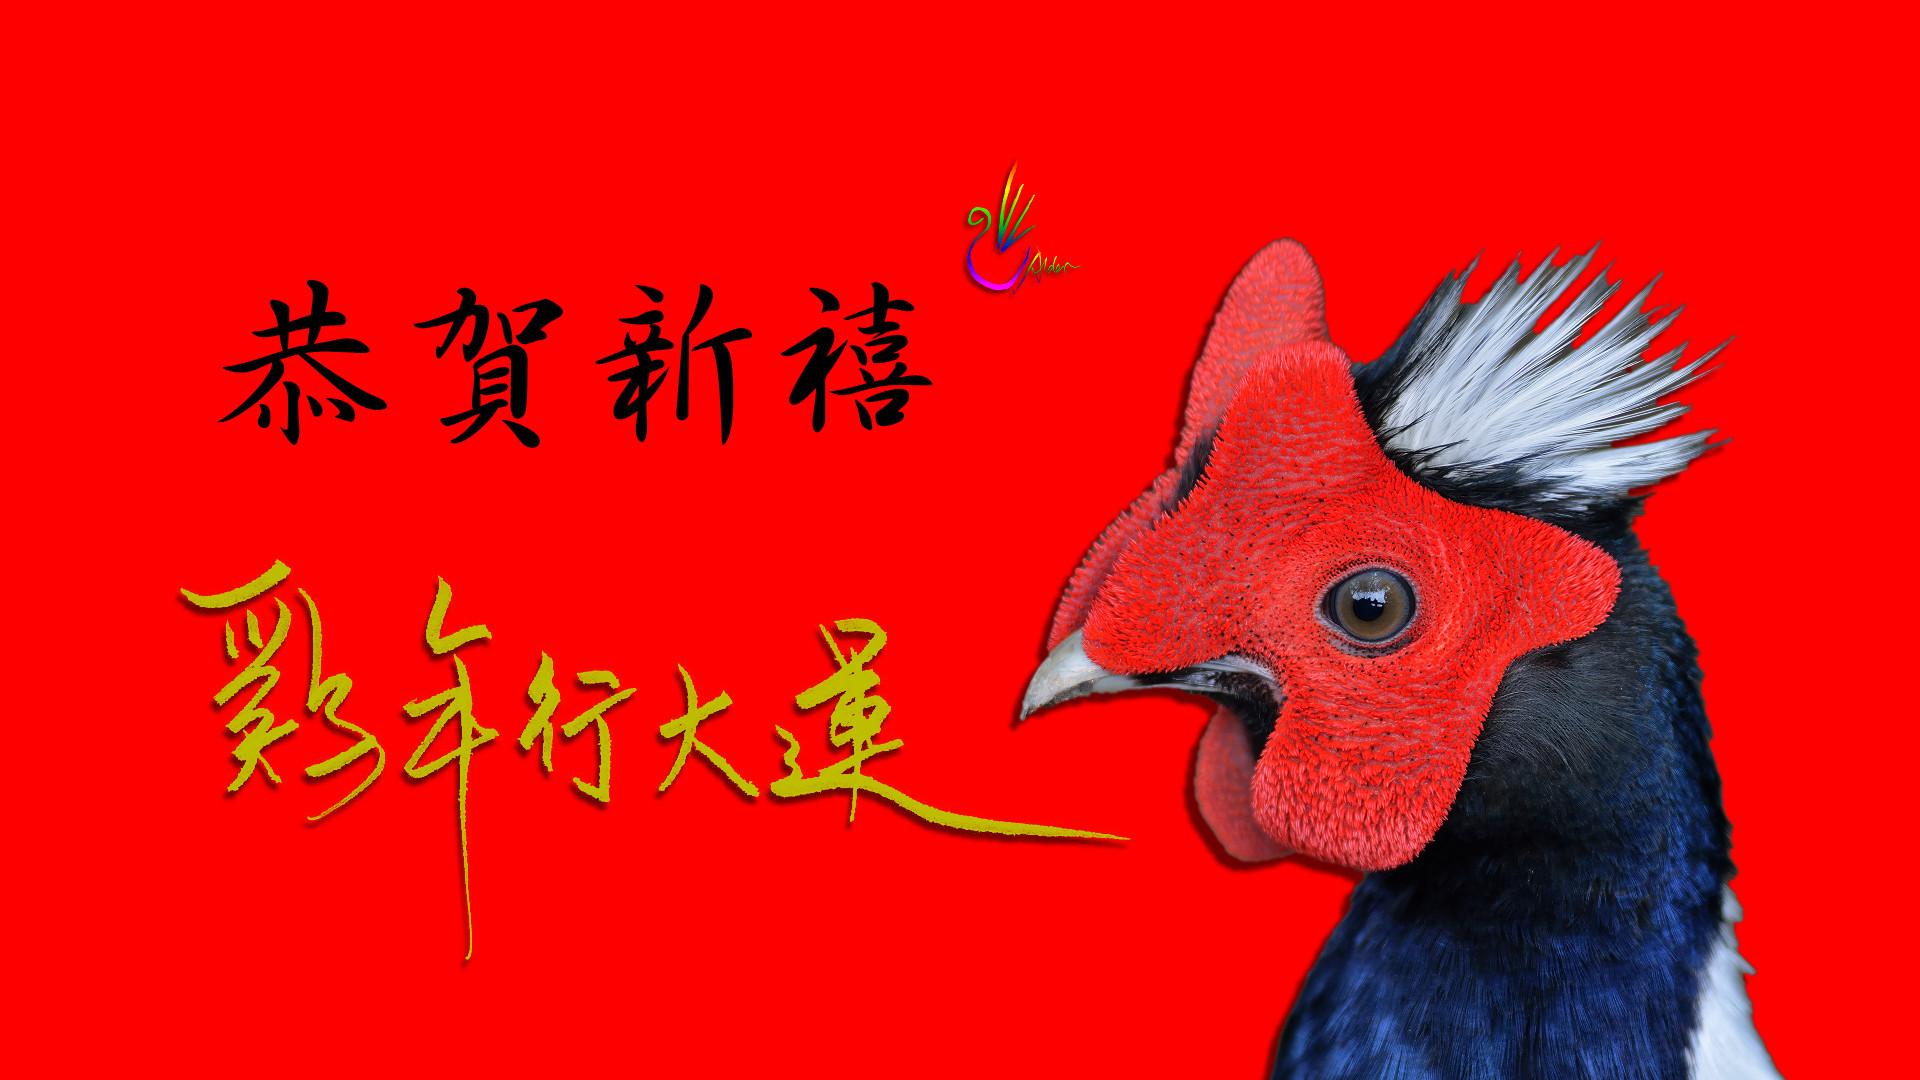 「雞年行大運」的圖片搜尋結果